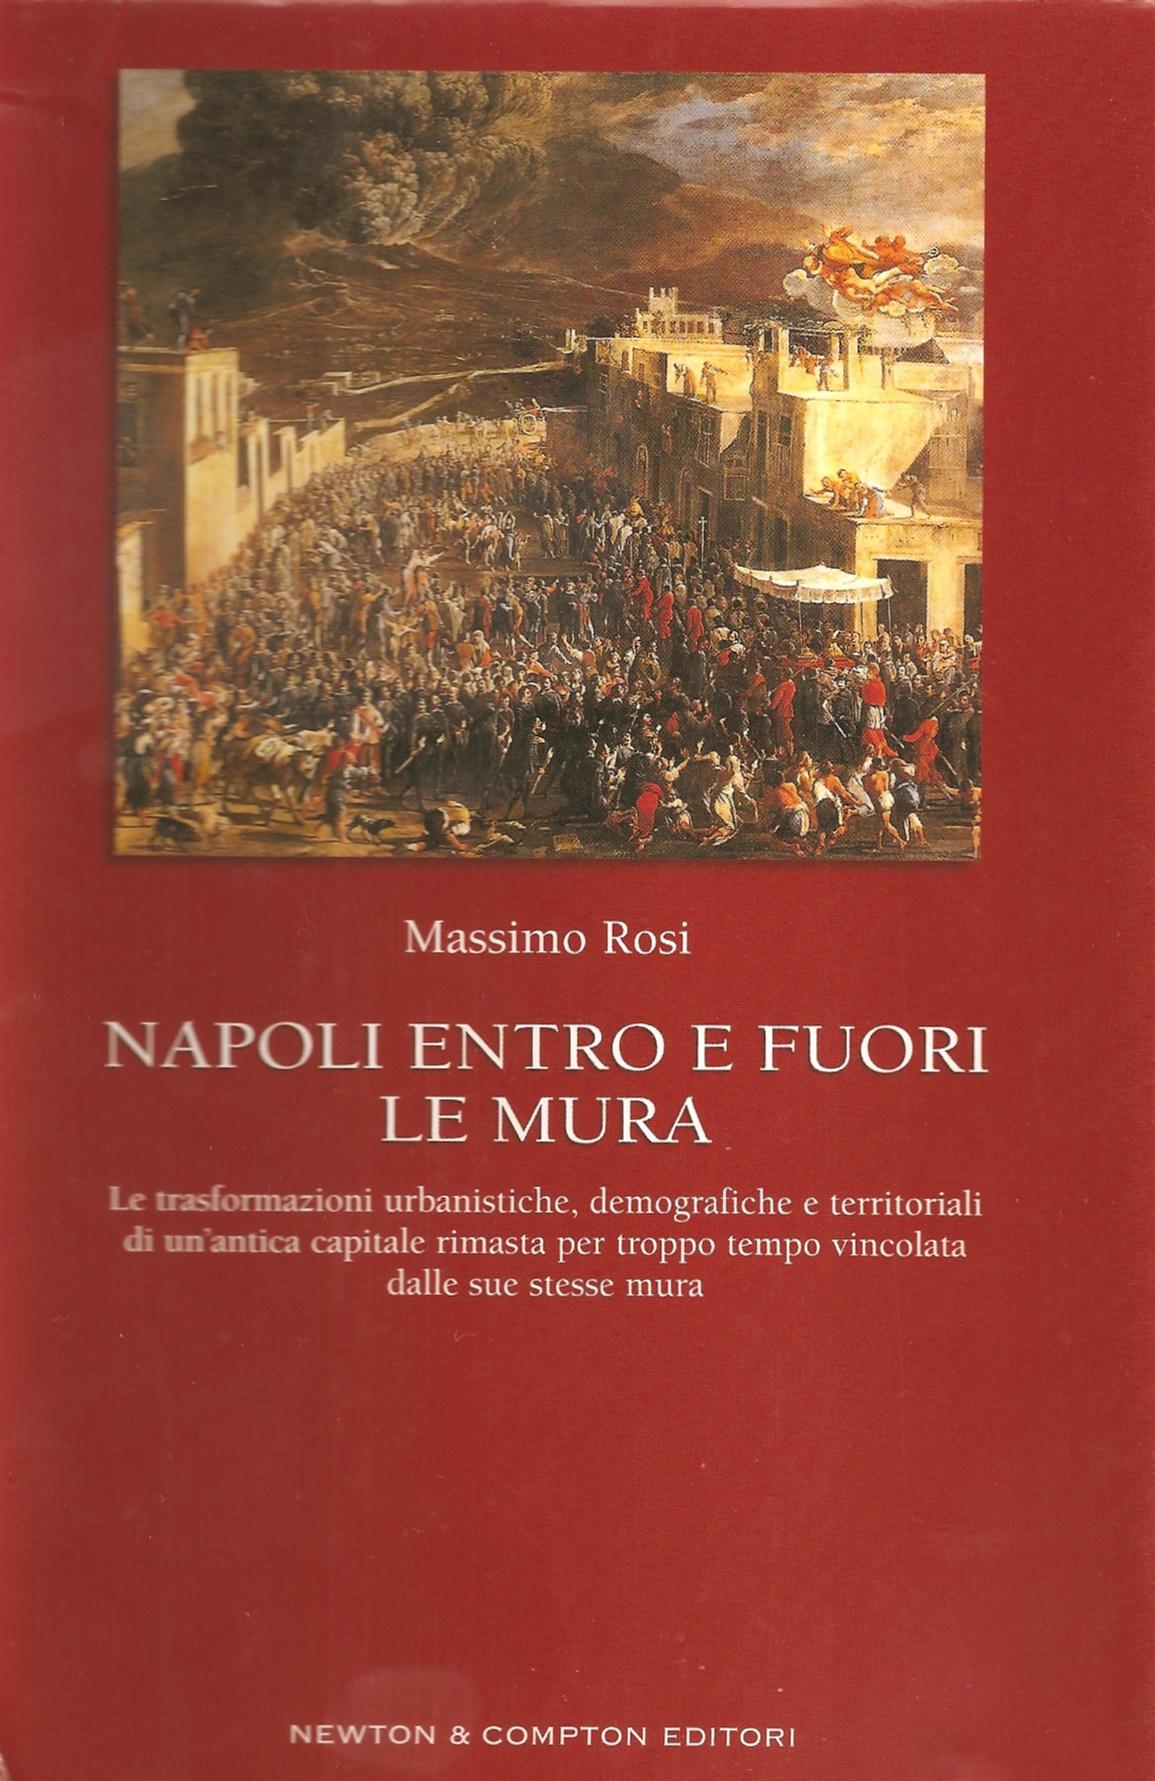 Napoli entro e fuori le mura